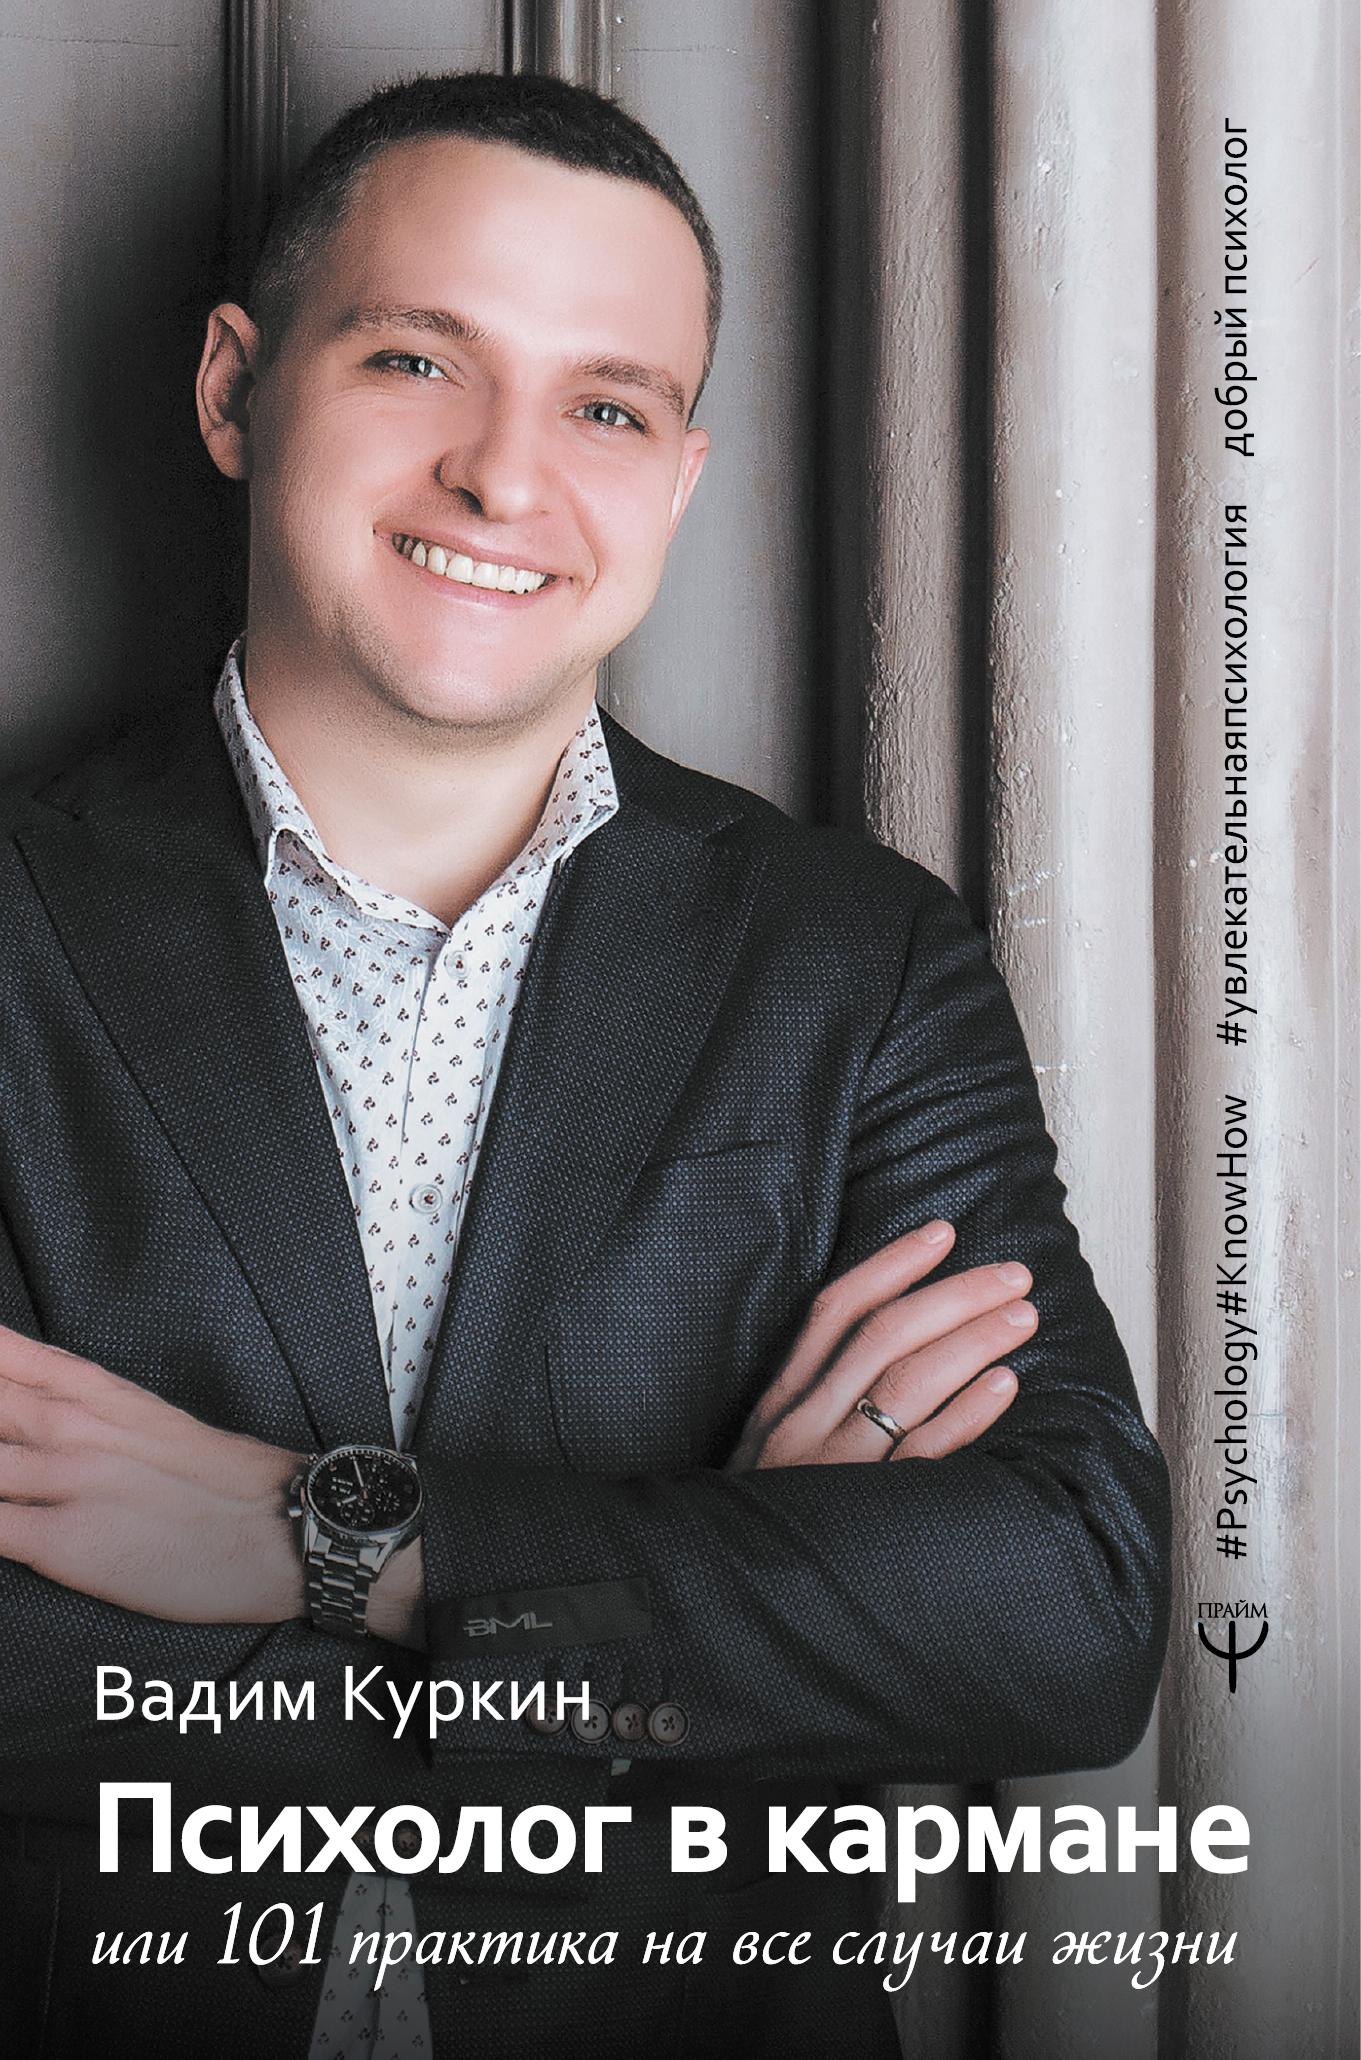 Вадим Куркин Психолог в кармане, или 101 практика на все случаи жизни